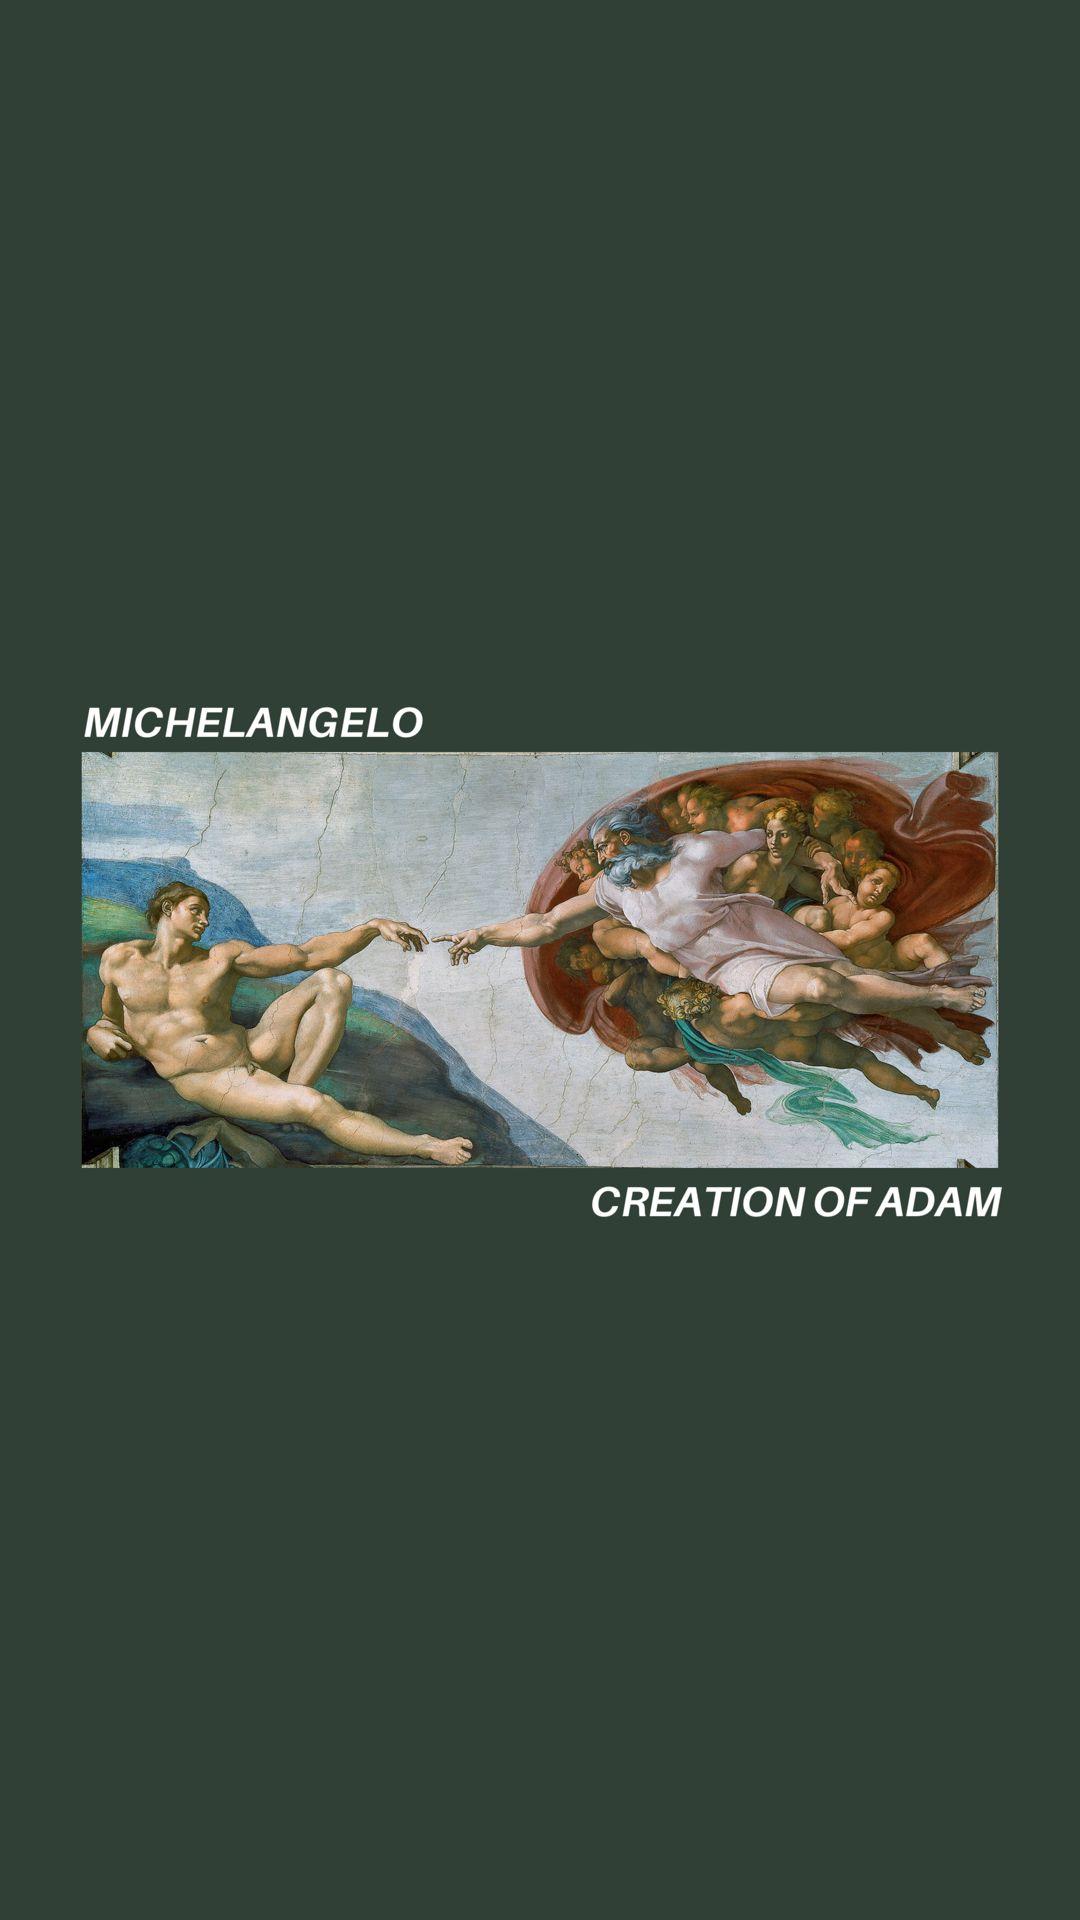 Michelangelo wallpaper art hoe aesthetic tumblr iPhone